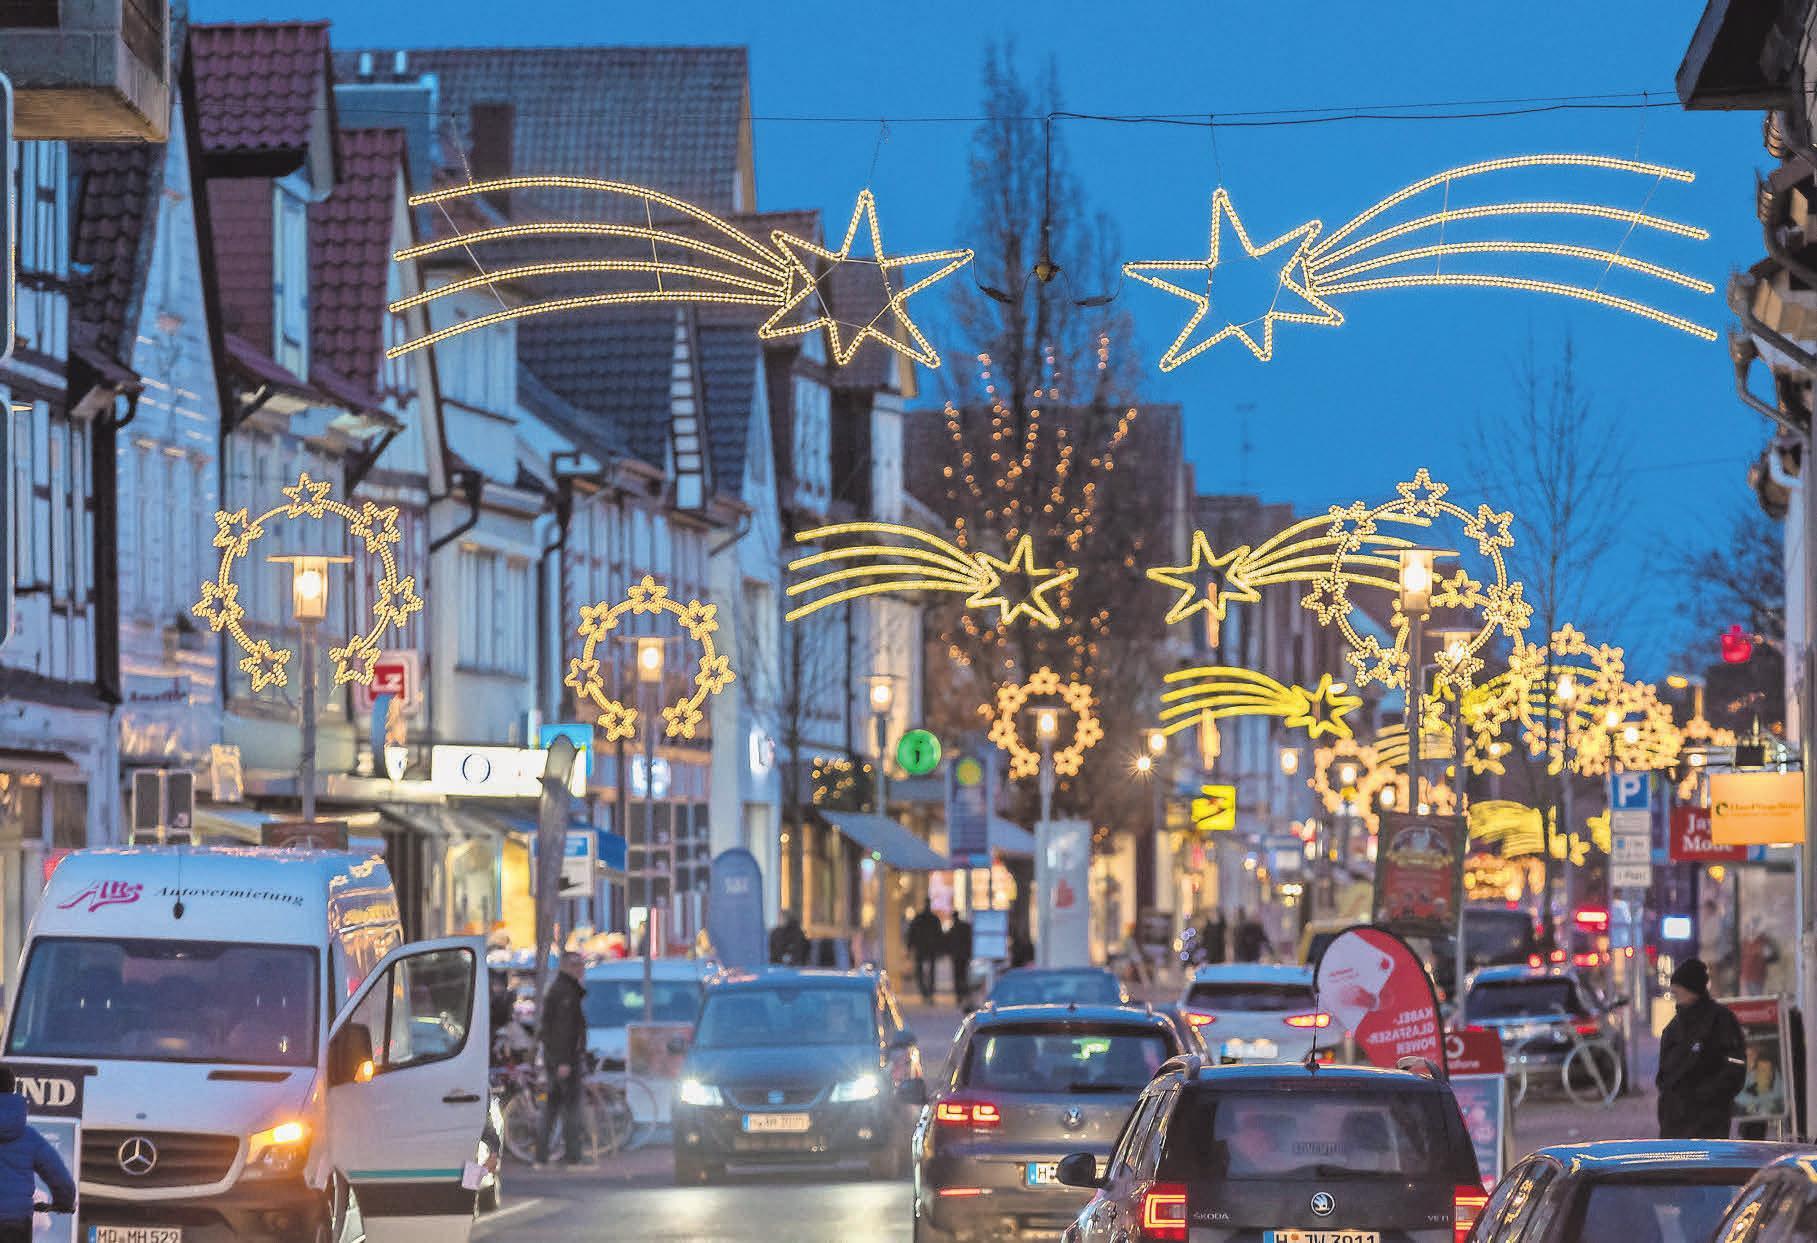 Beim Late Night Shopping am 29. November sorgen die Burgdorfer Lichtwochen für festlichen Lichterglanz.